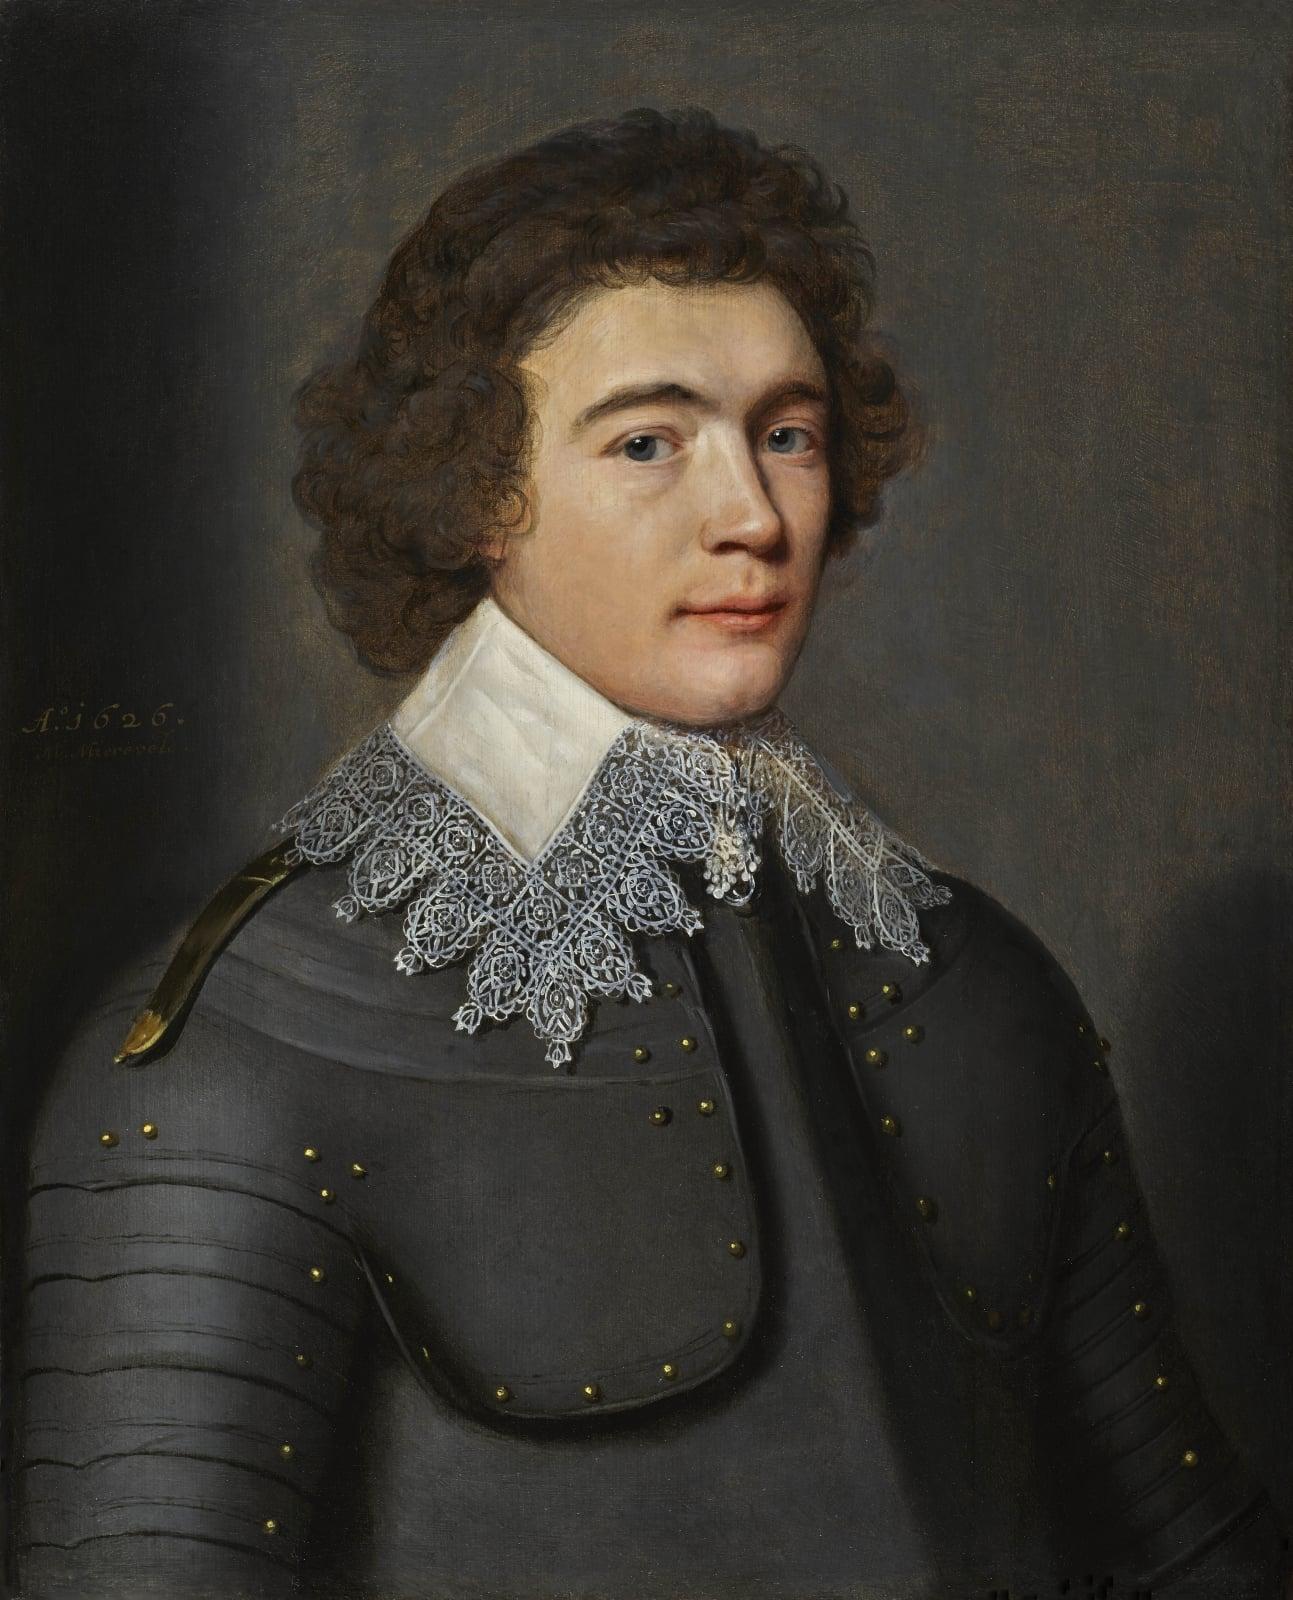 Frederic-Maurice de la Tour d'Auvergne, Duc de Bouillon, later Prince de Sedan (1605 – 1652)